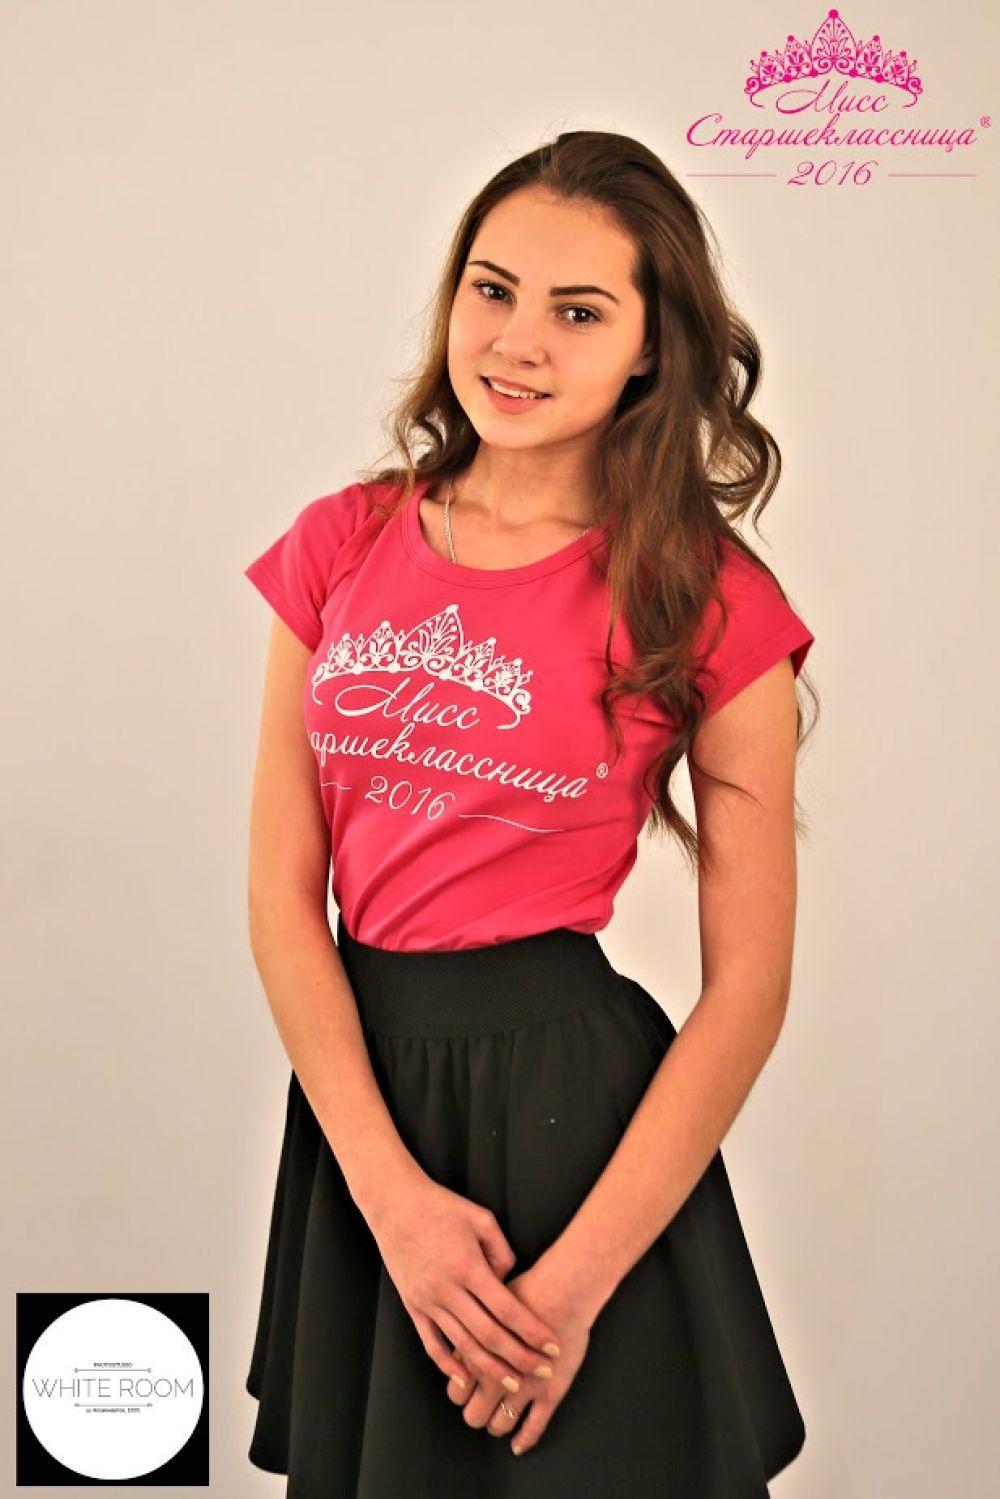 Екатерина Бабушкина, школа №123, 16 лет.